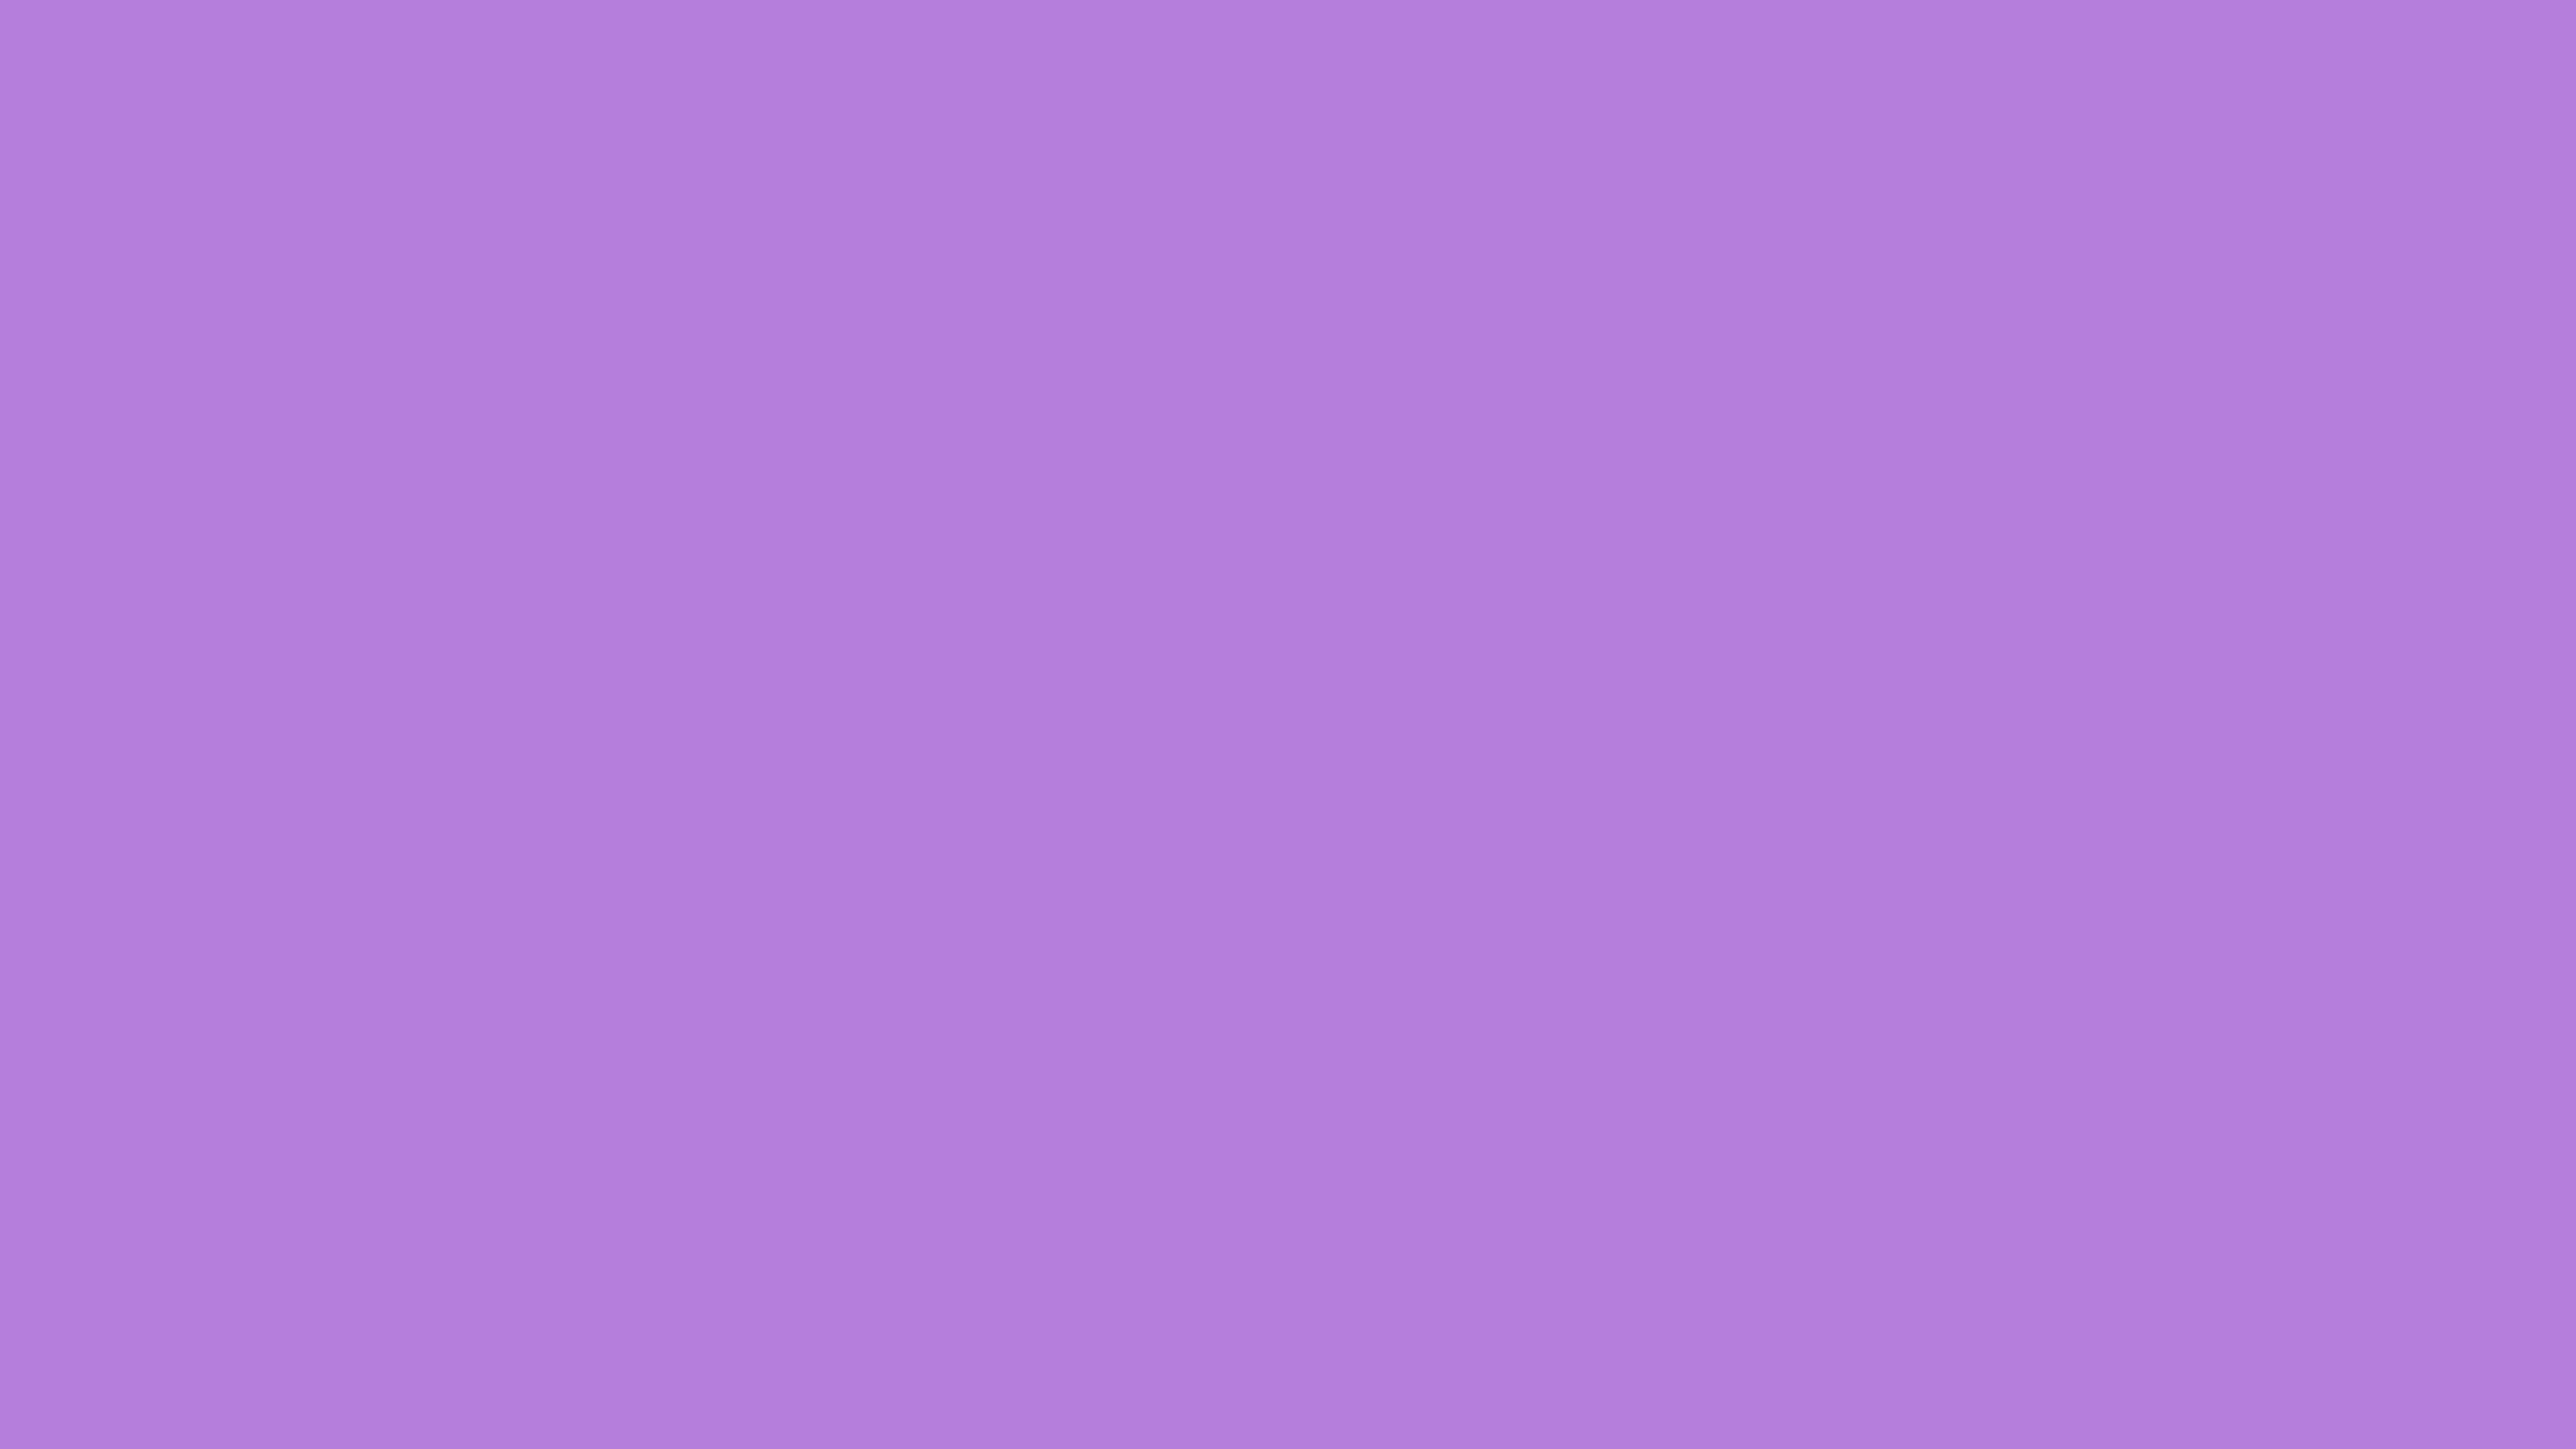 4096x2304 Lavender Floral Solid Color Background